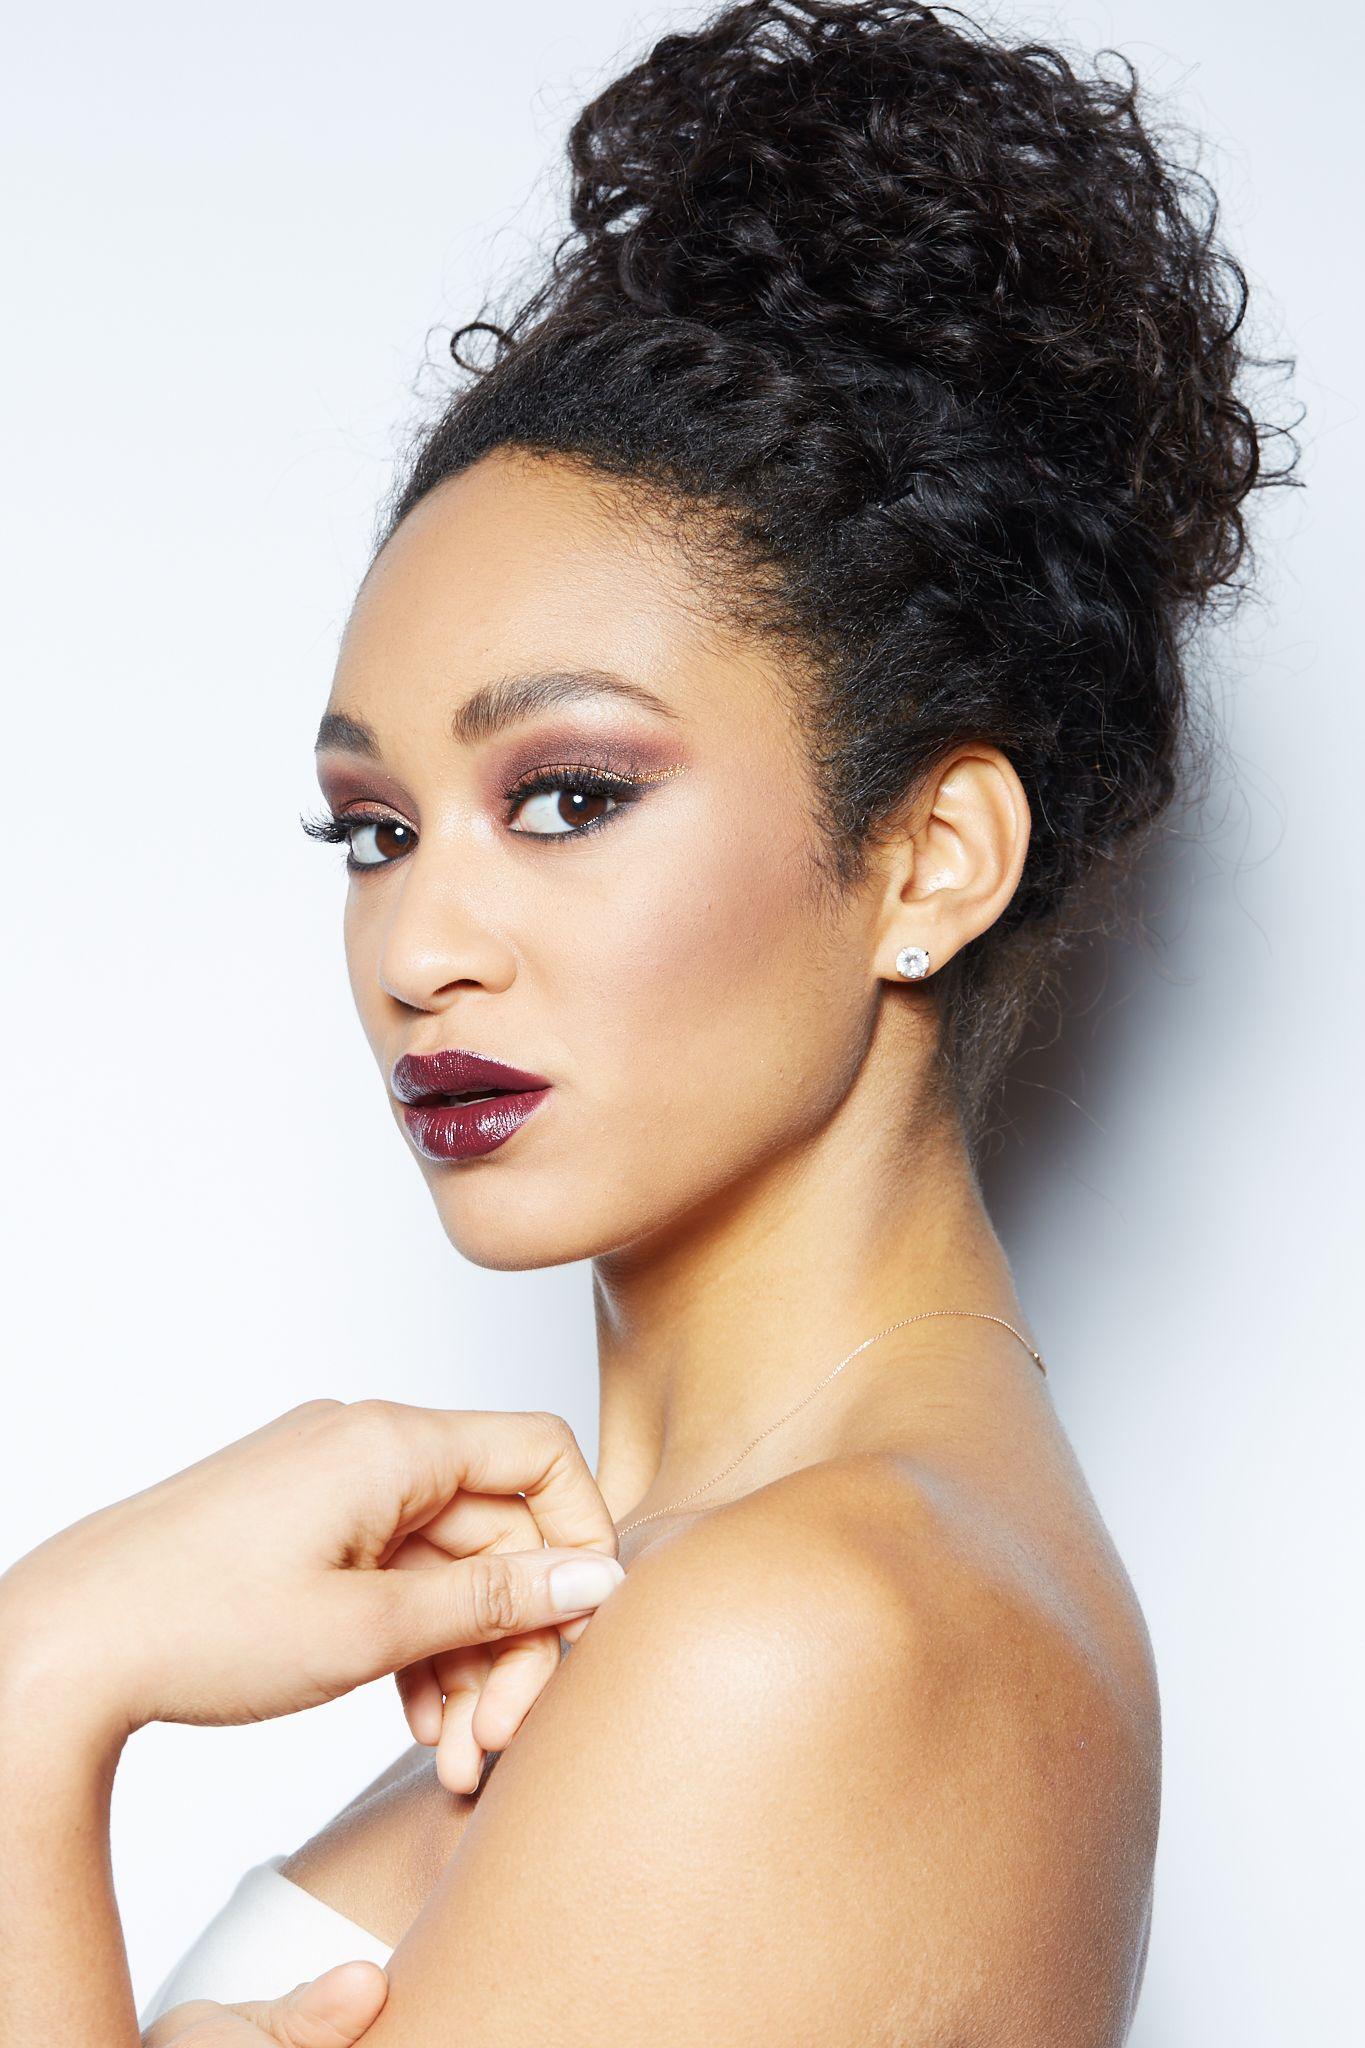 Rhianna Inspired Ririmakeup Studiowork In 2020 Natural Hair